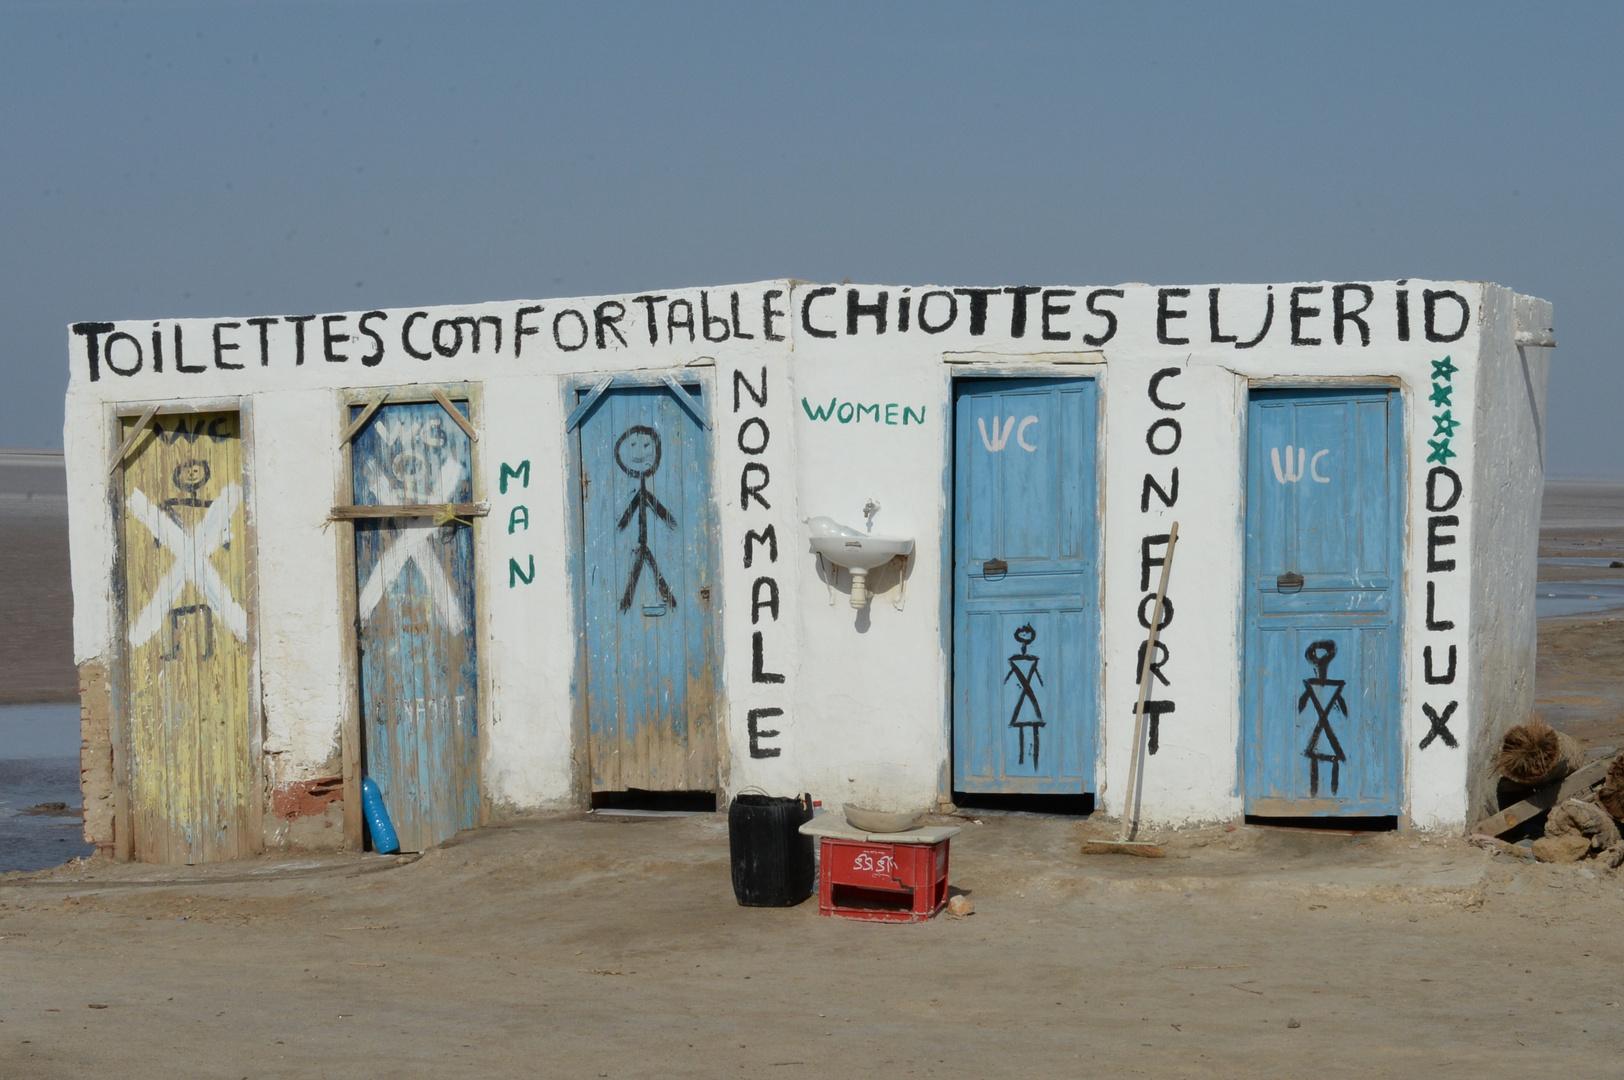 WC Anlage in der Wüste